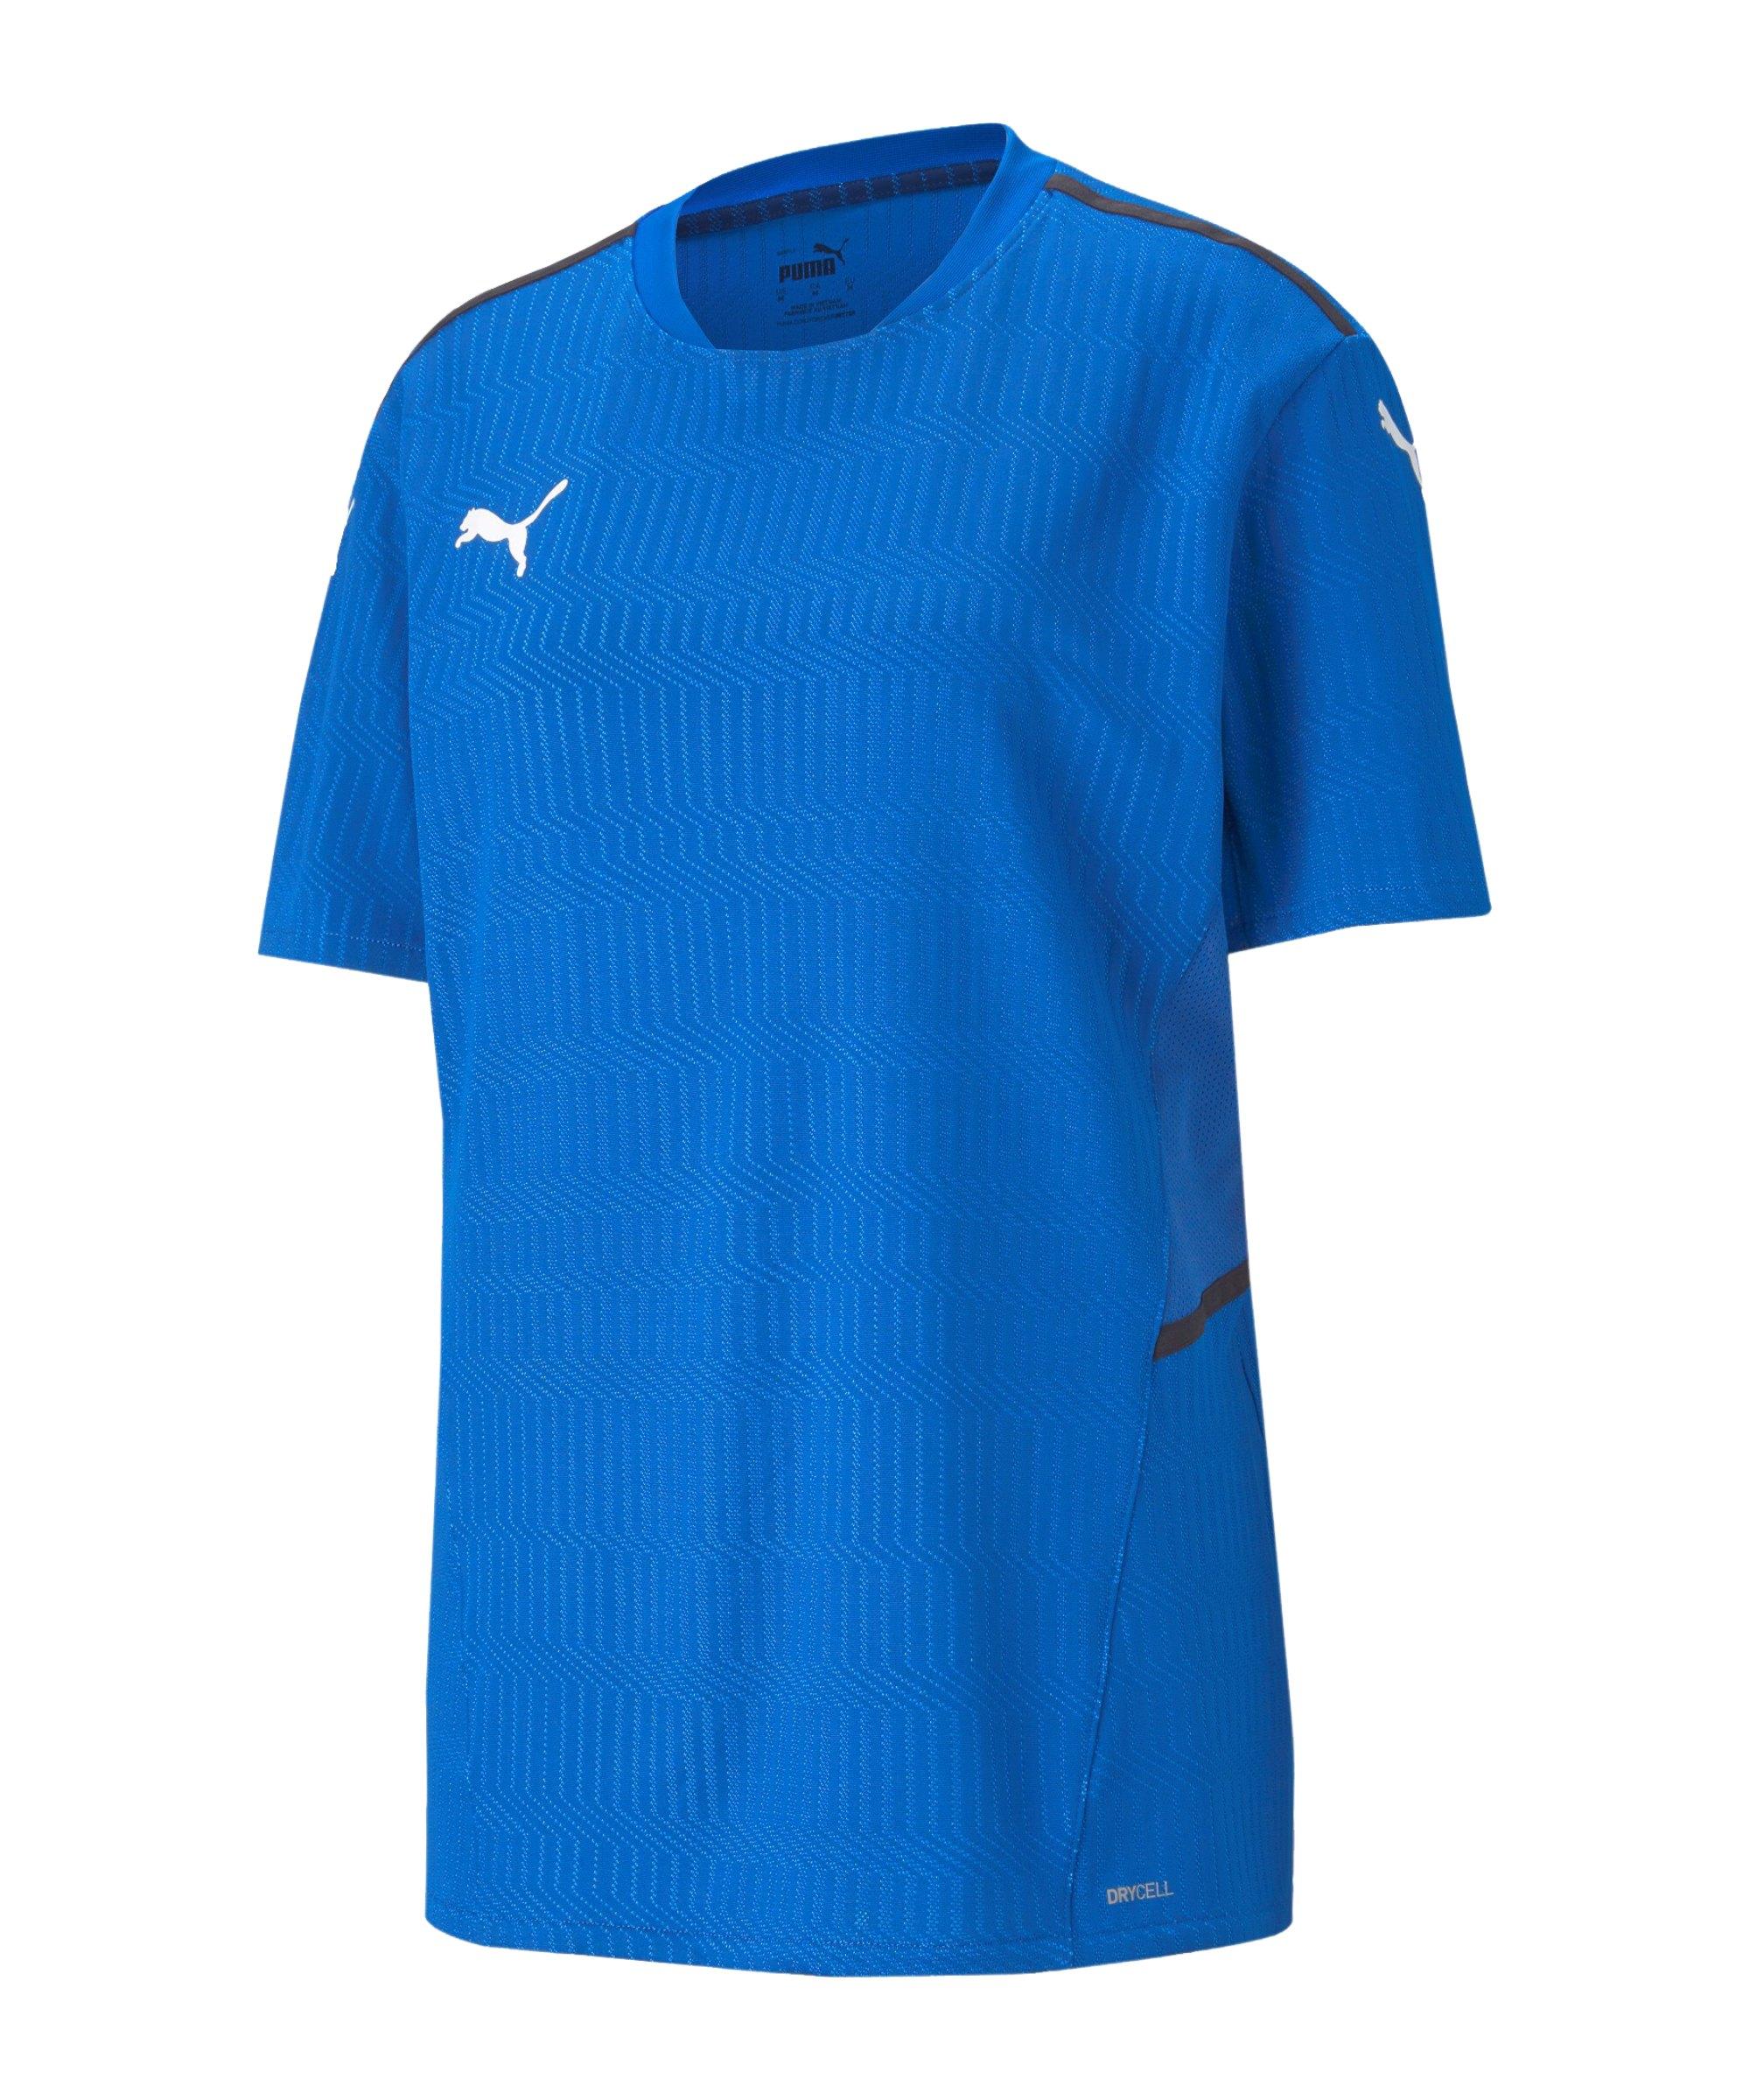 PUMA teamCUP Trikot Blau F02 - blau